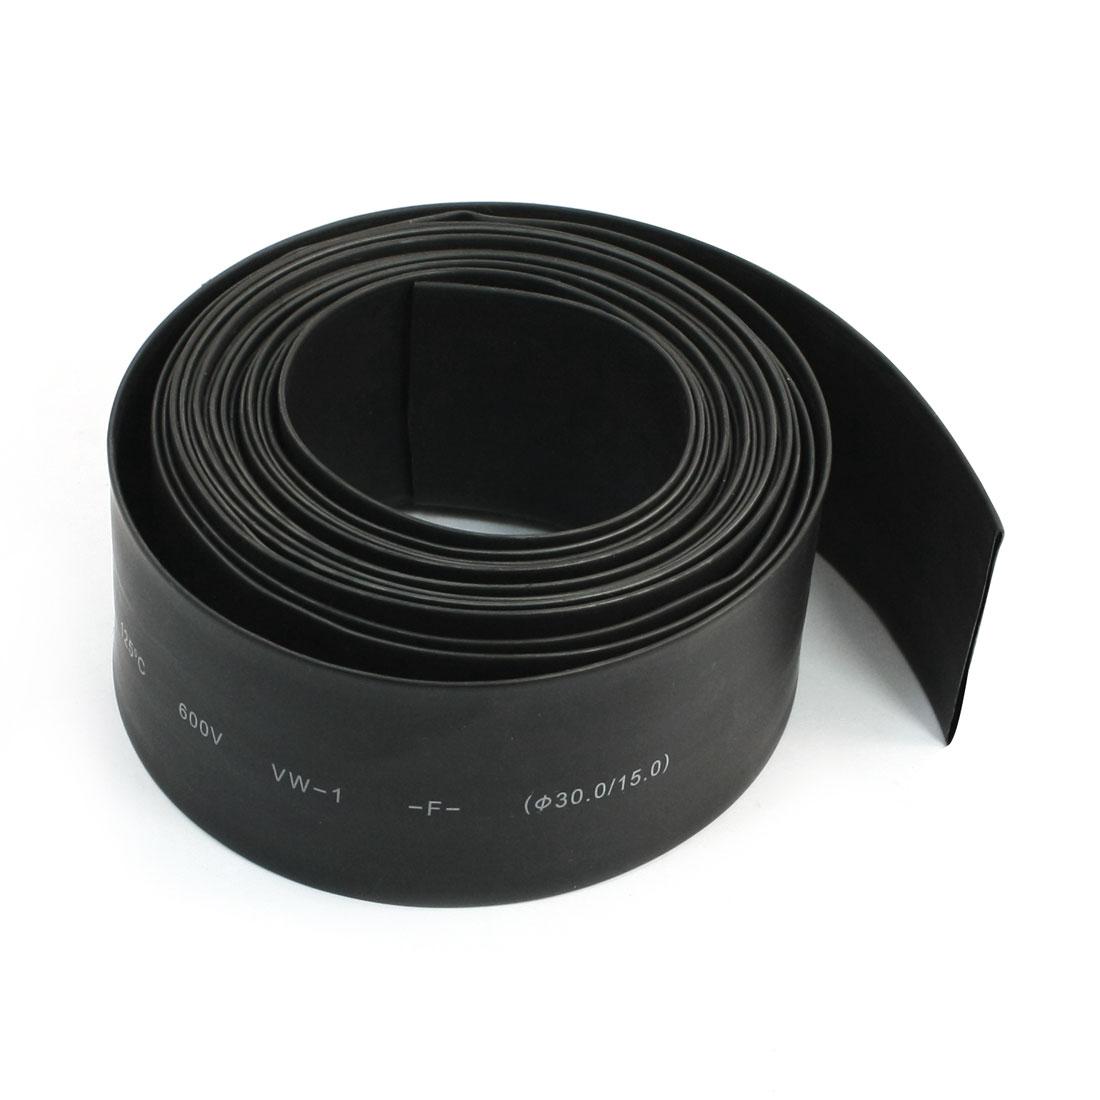 Black Heat Shrinkable Tubing Shrink Tube 15mm 30mm 5 Meters 600V 125C